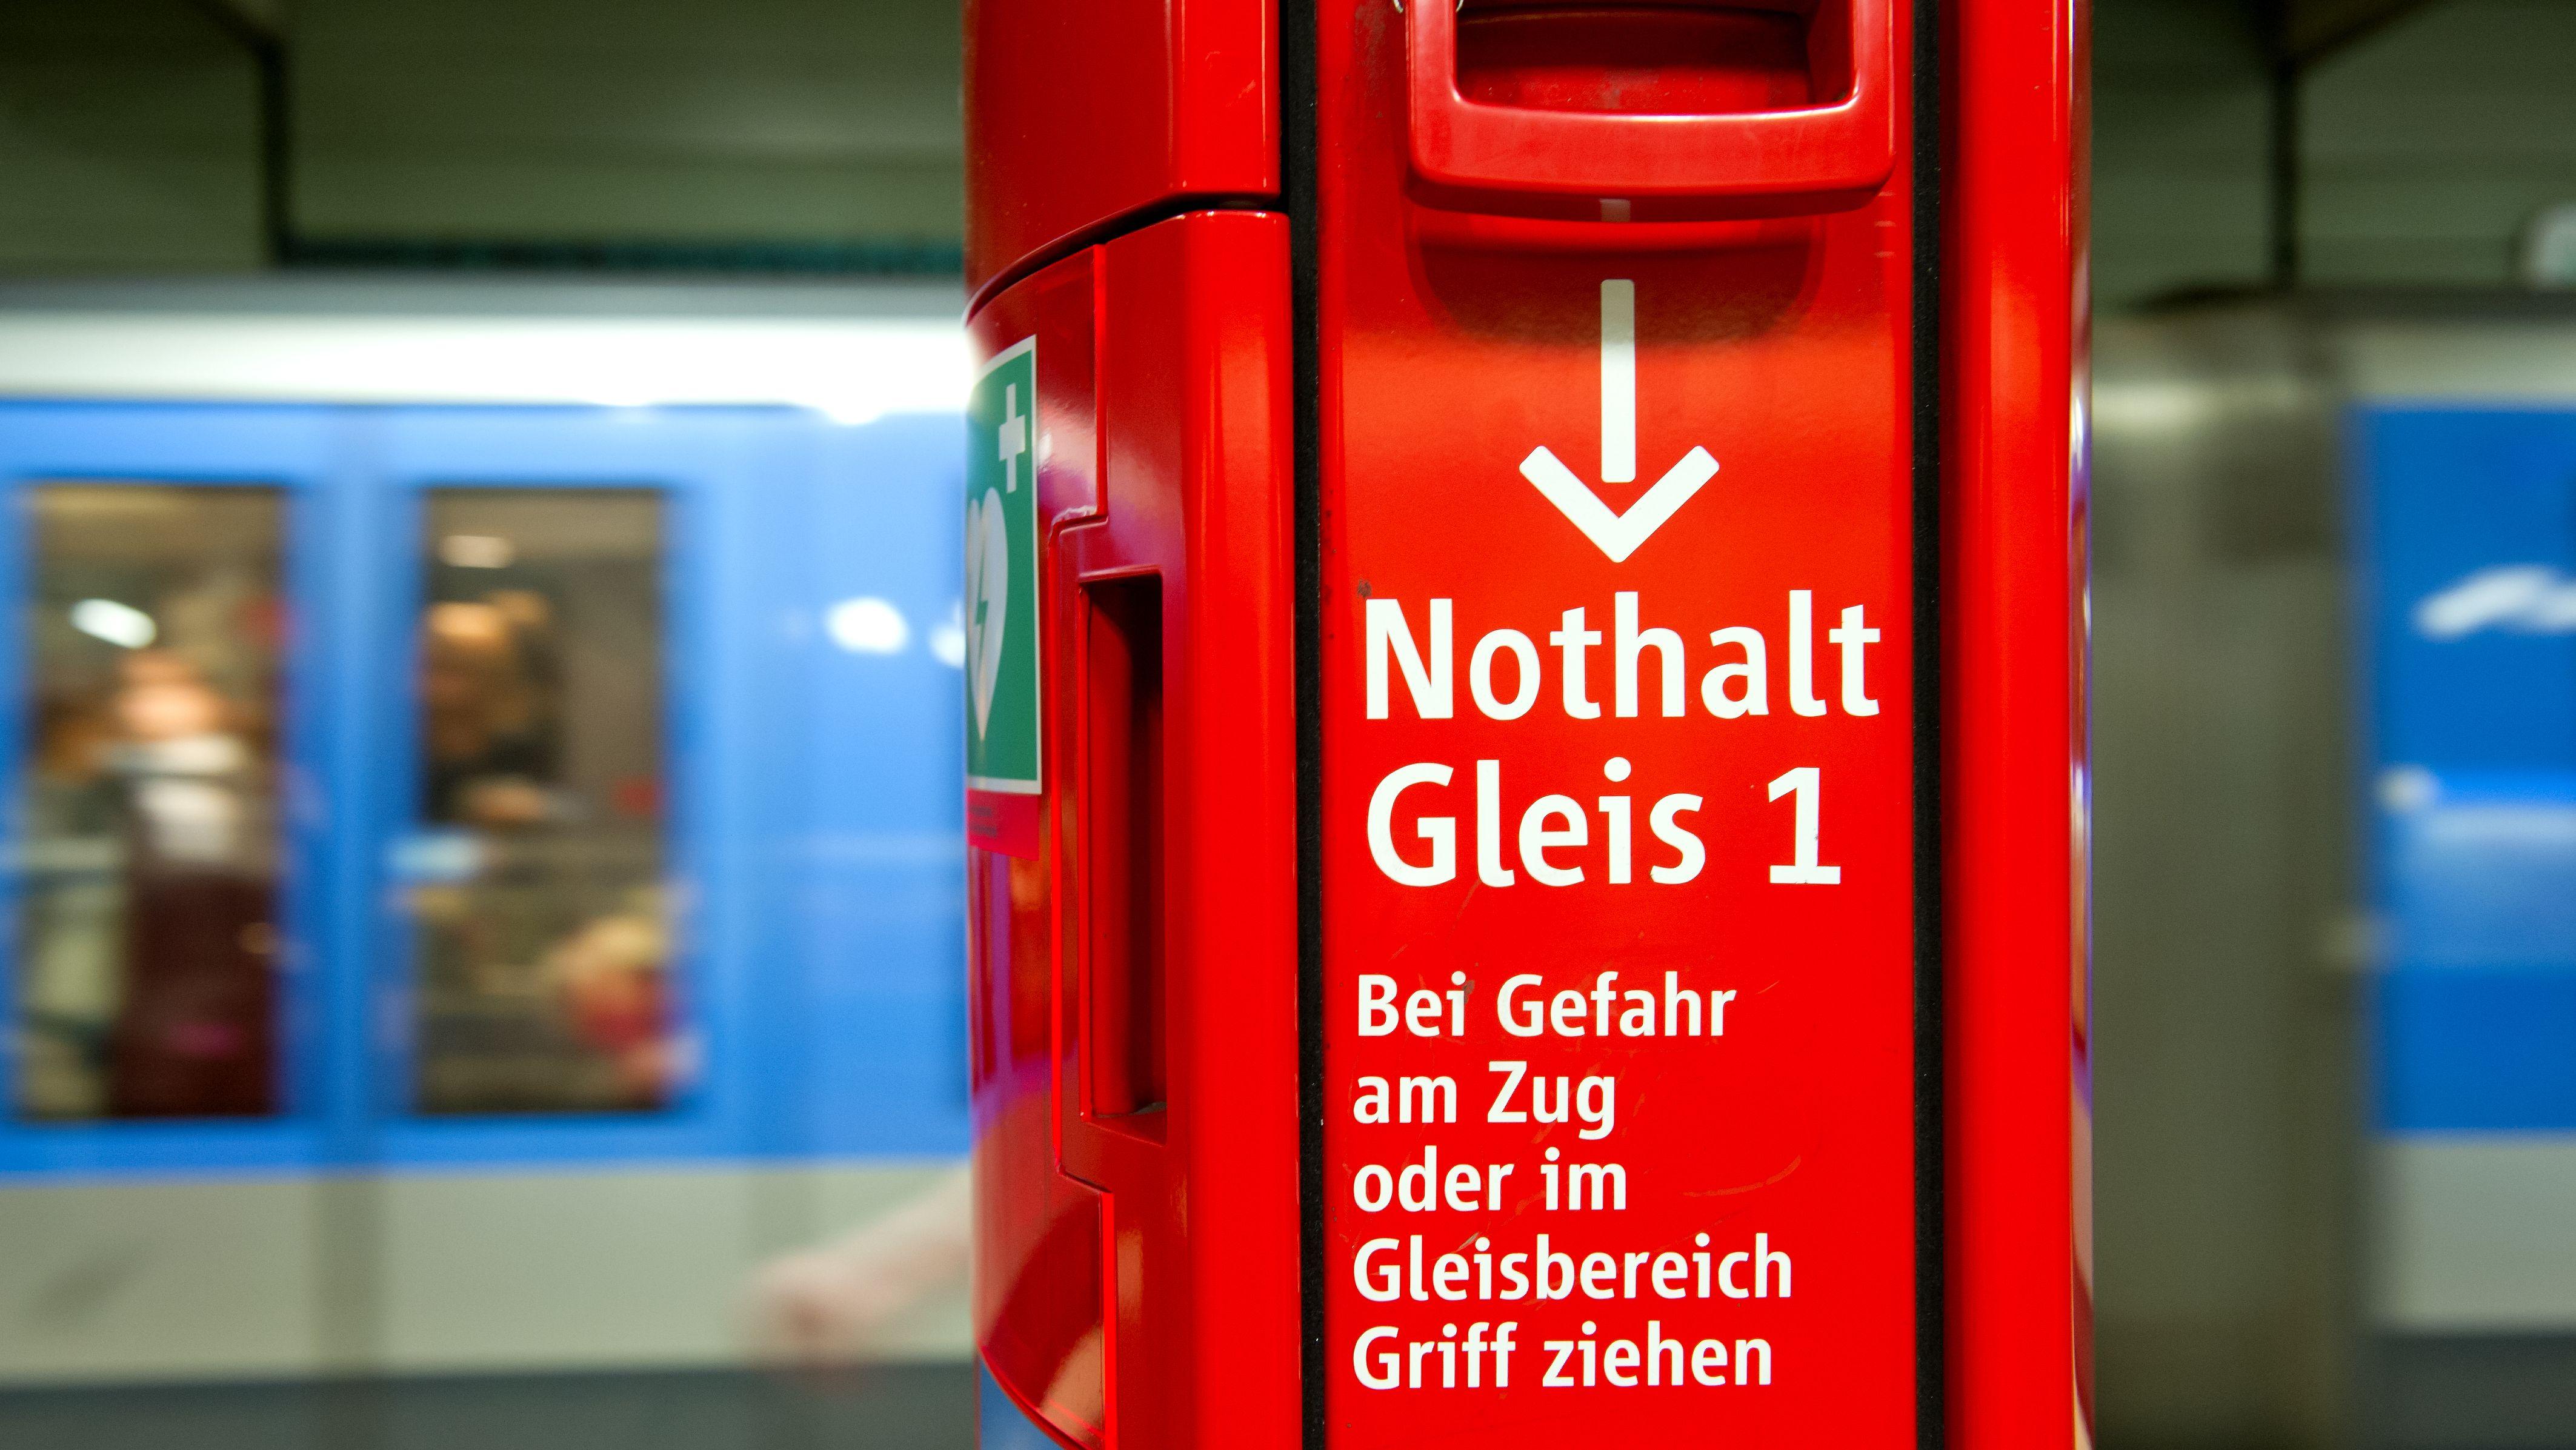 Nothalt an einer Münchner U-Bahn-Station (Symbolbild)